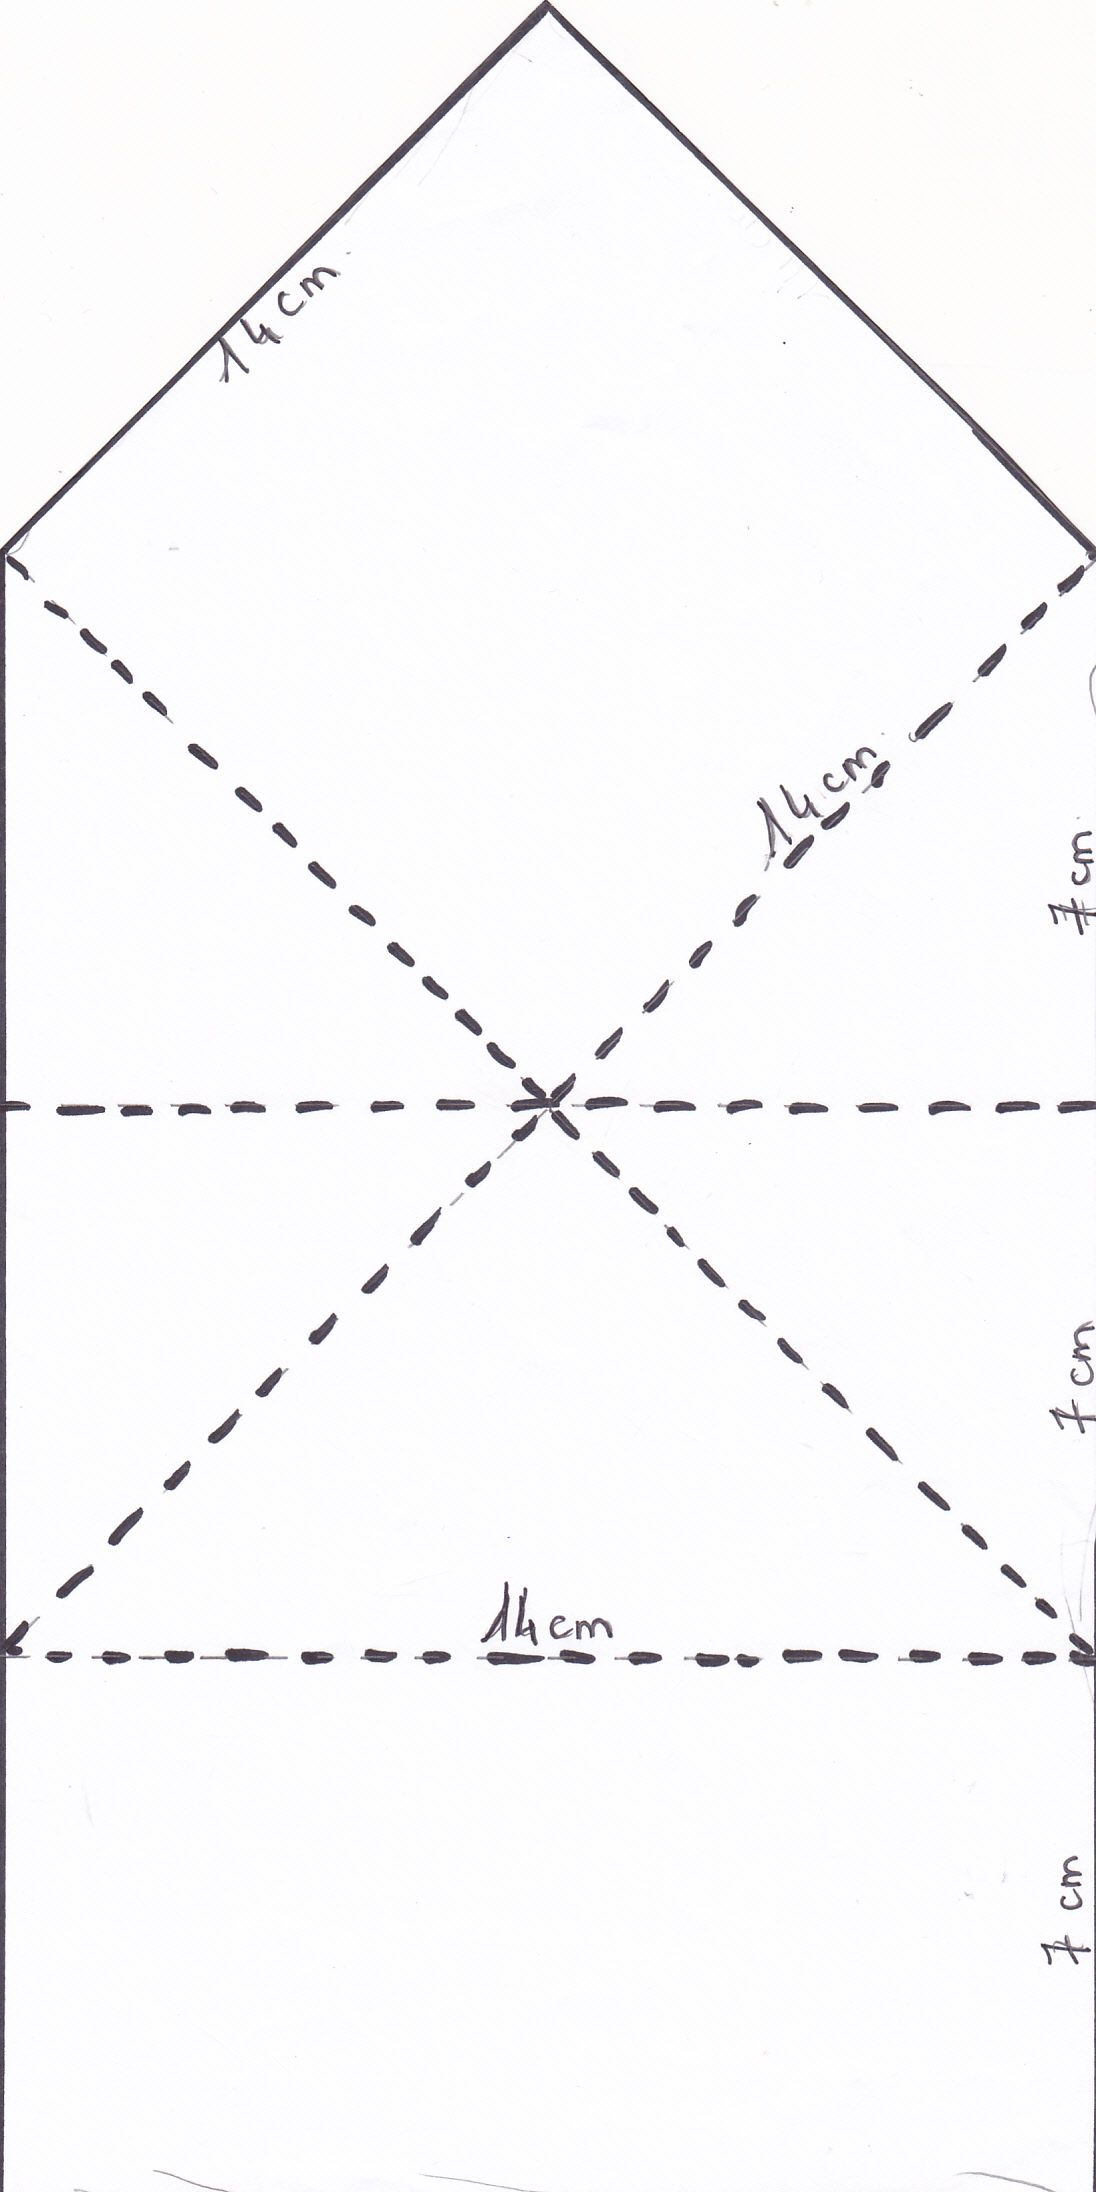 maquette du pliage de carte pliée porte message. Les pointillés indiquent les plis à marquer.